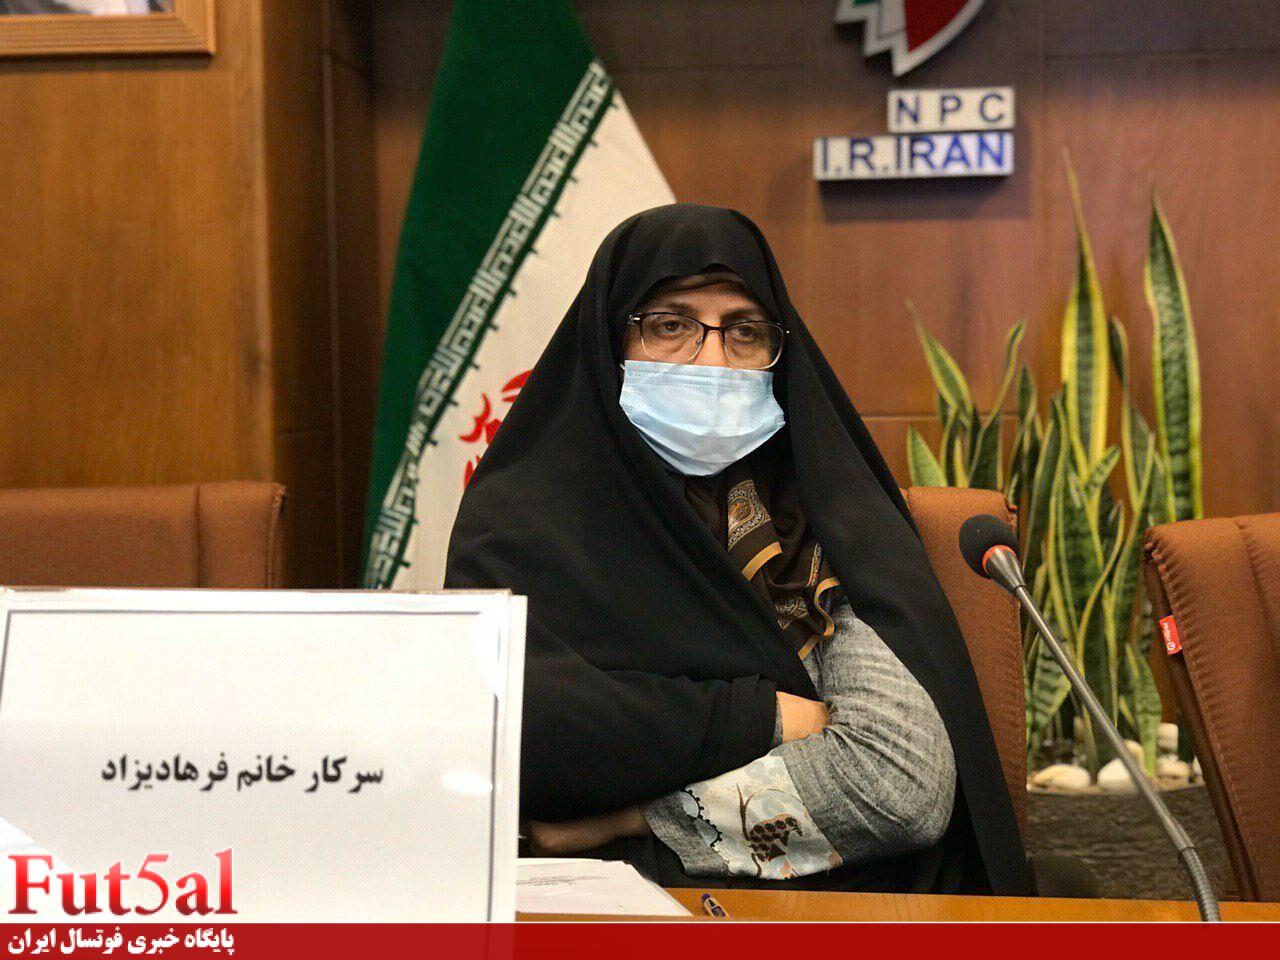 آخرین وضعیت پاداش معوقه و حق رای بانوان در مجمع فدراسیون از زبان معاون وزیر ورزش